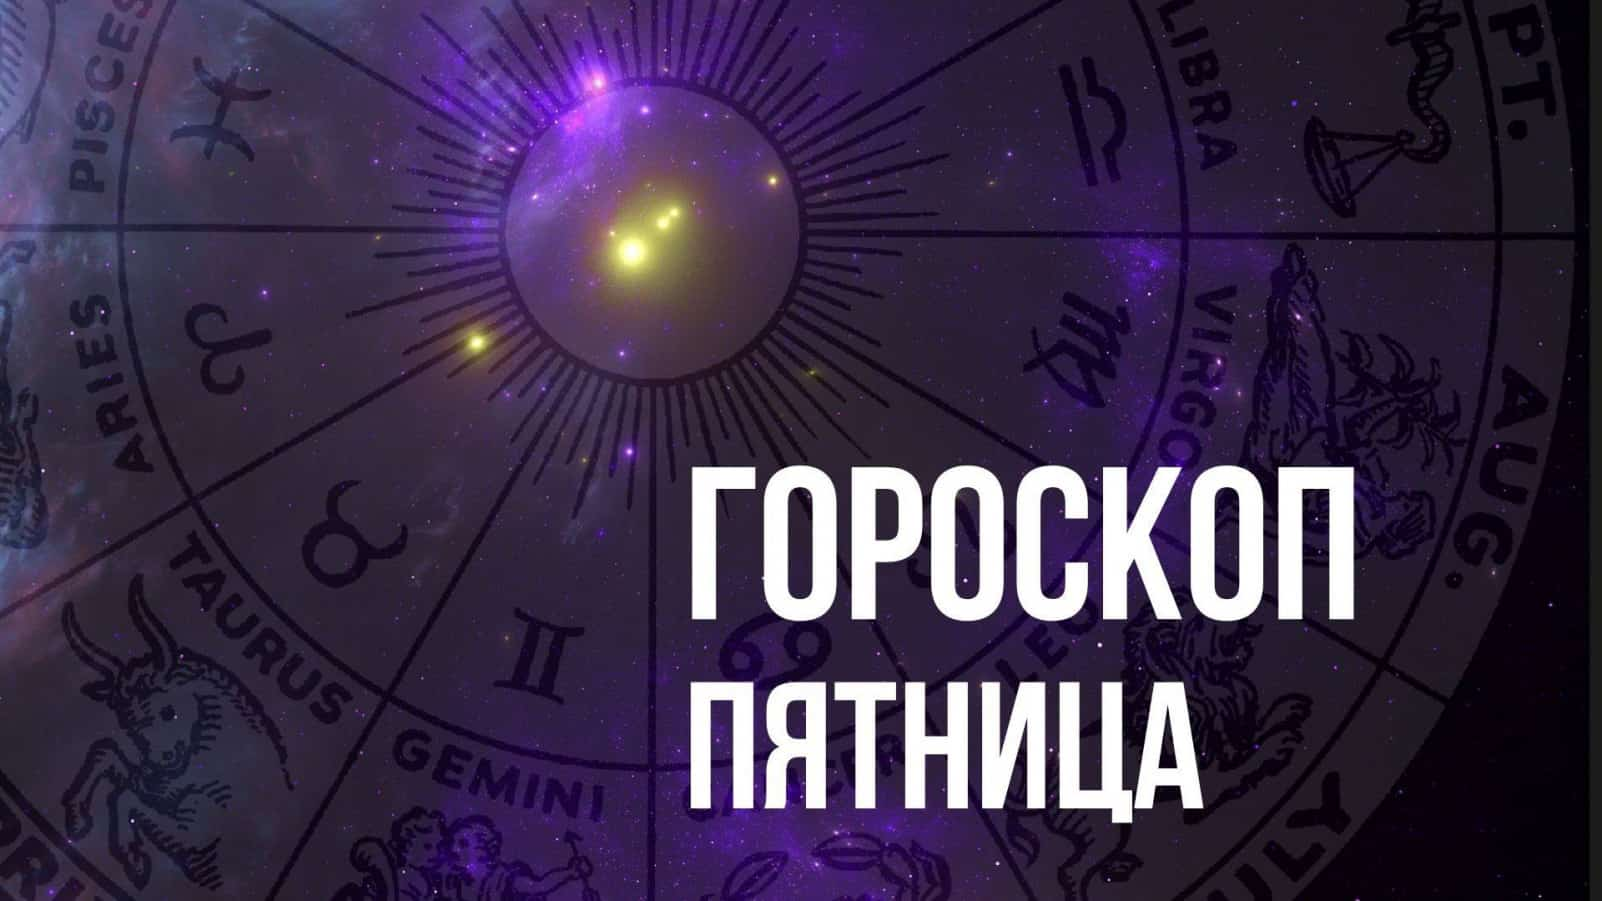 Гороскоп на пятницу 9 апреля для каждого знака Зодиака